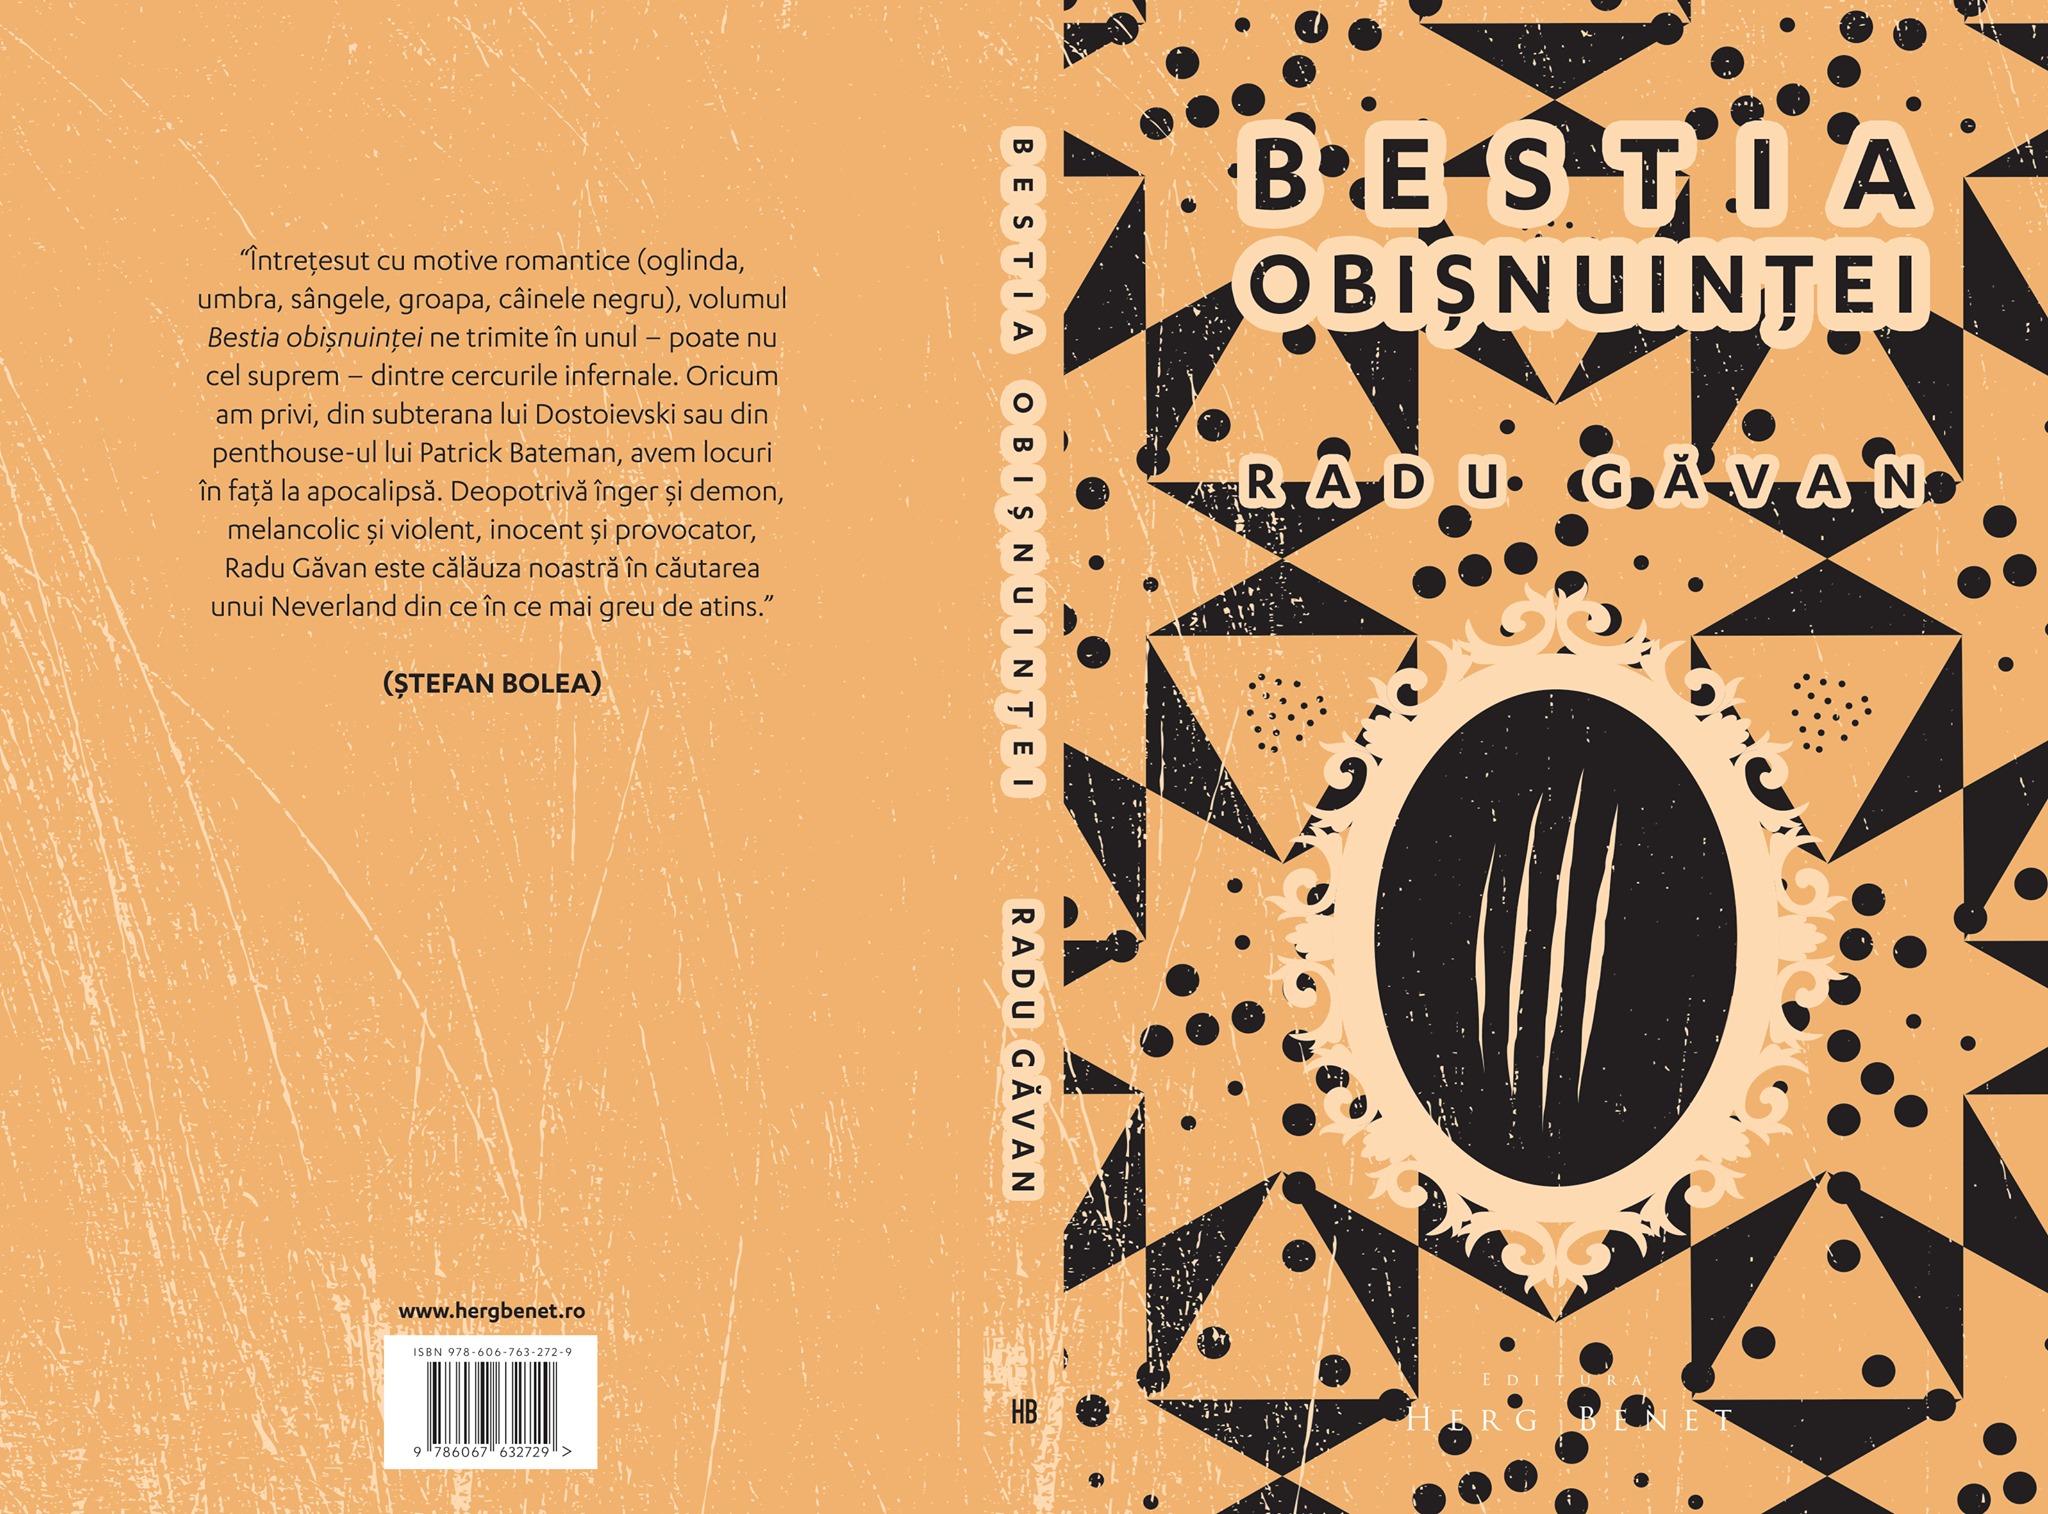 Bestia Obisnuintei – Radu Gavan